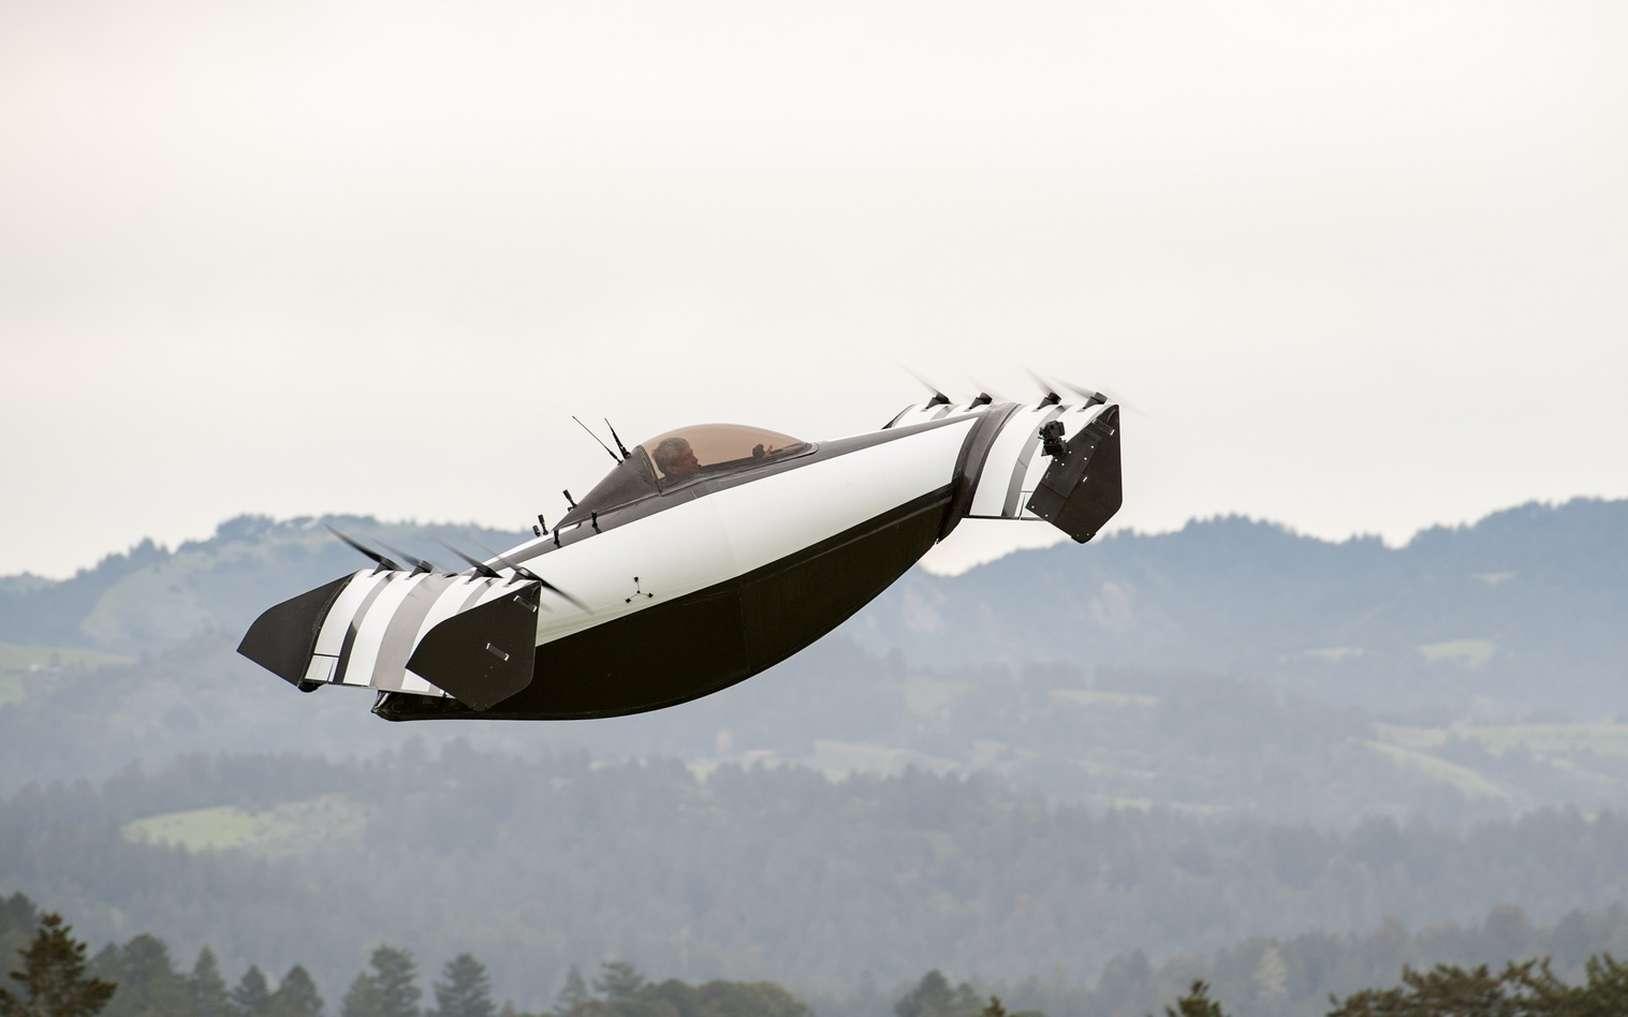 Le BlackFly est un adav amphibie qui sera commercialisé l'année prochaine. © Opener